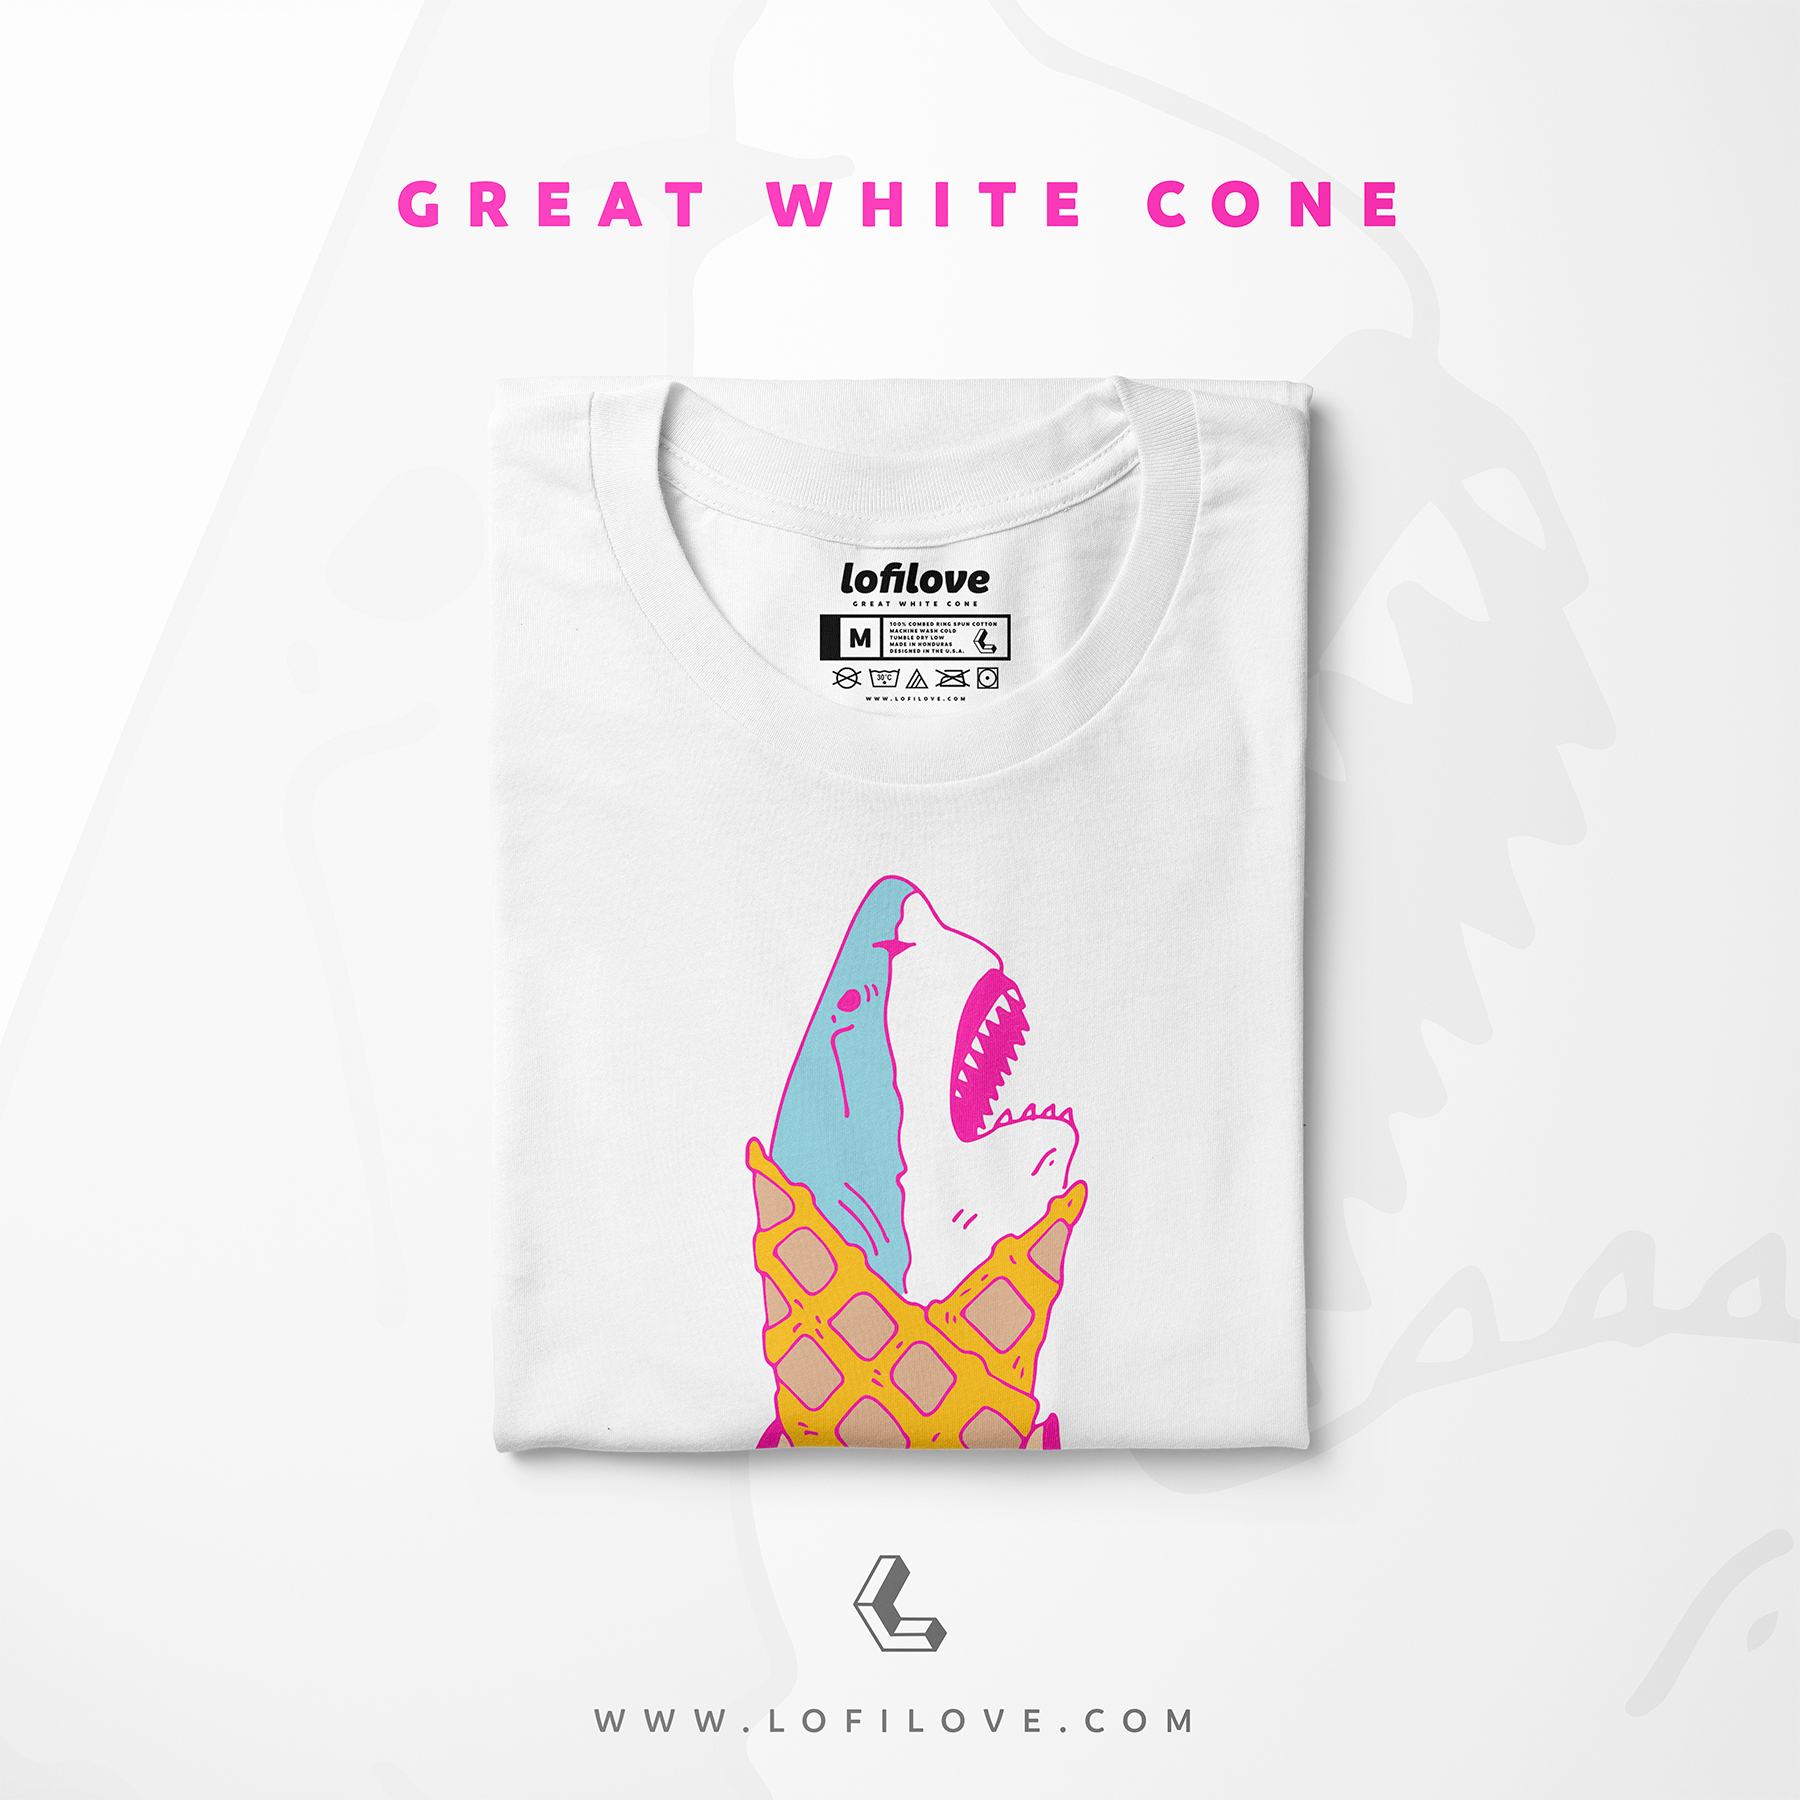 lofilove-great-white-cone-tee-2